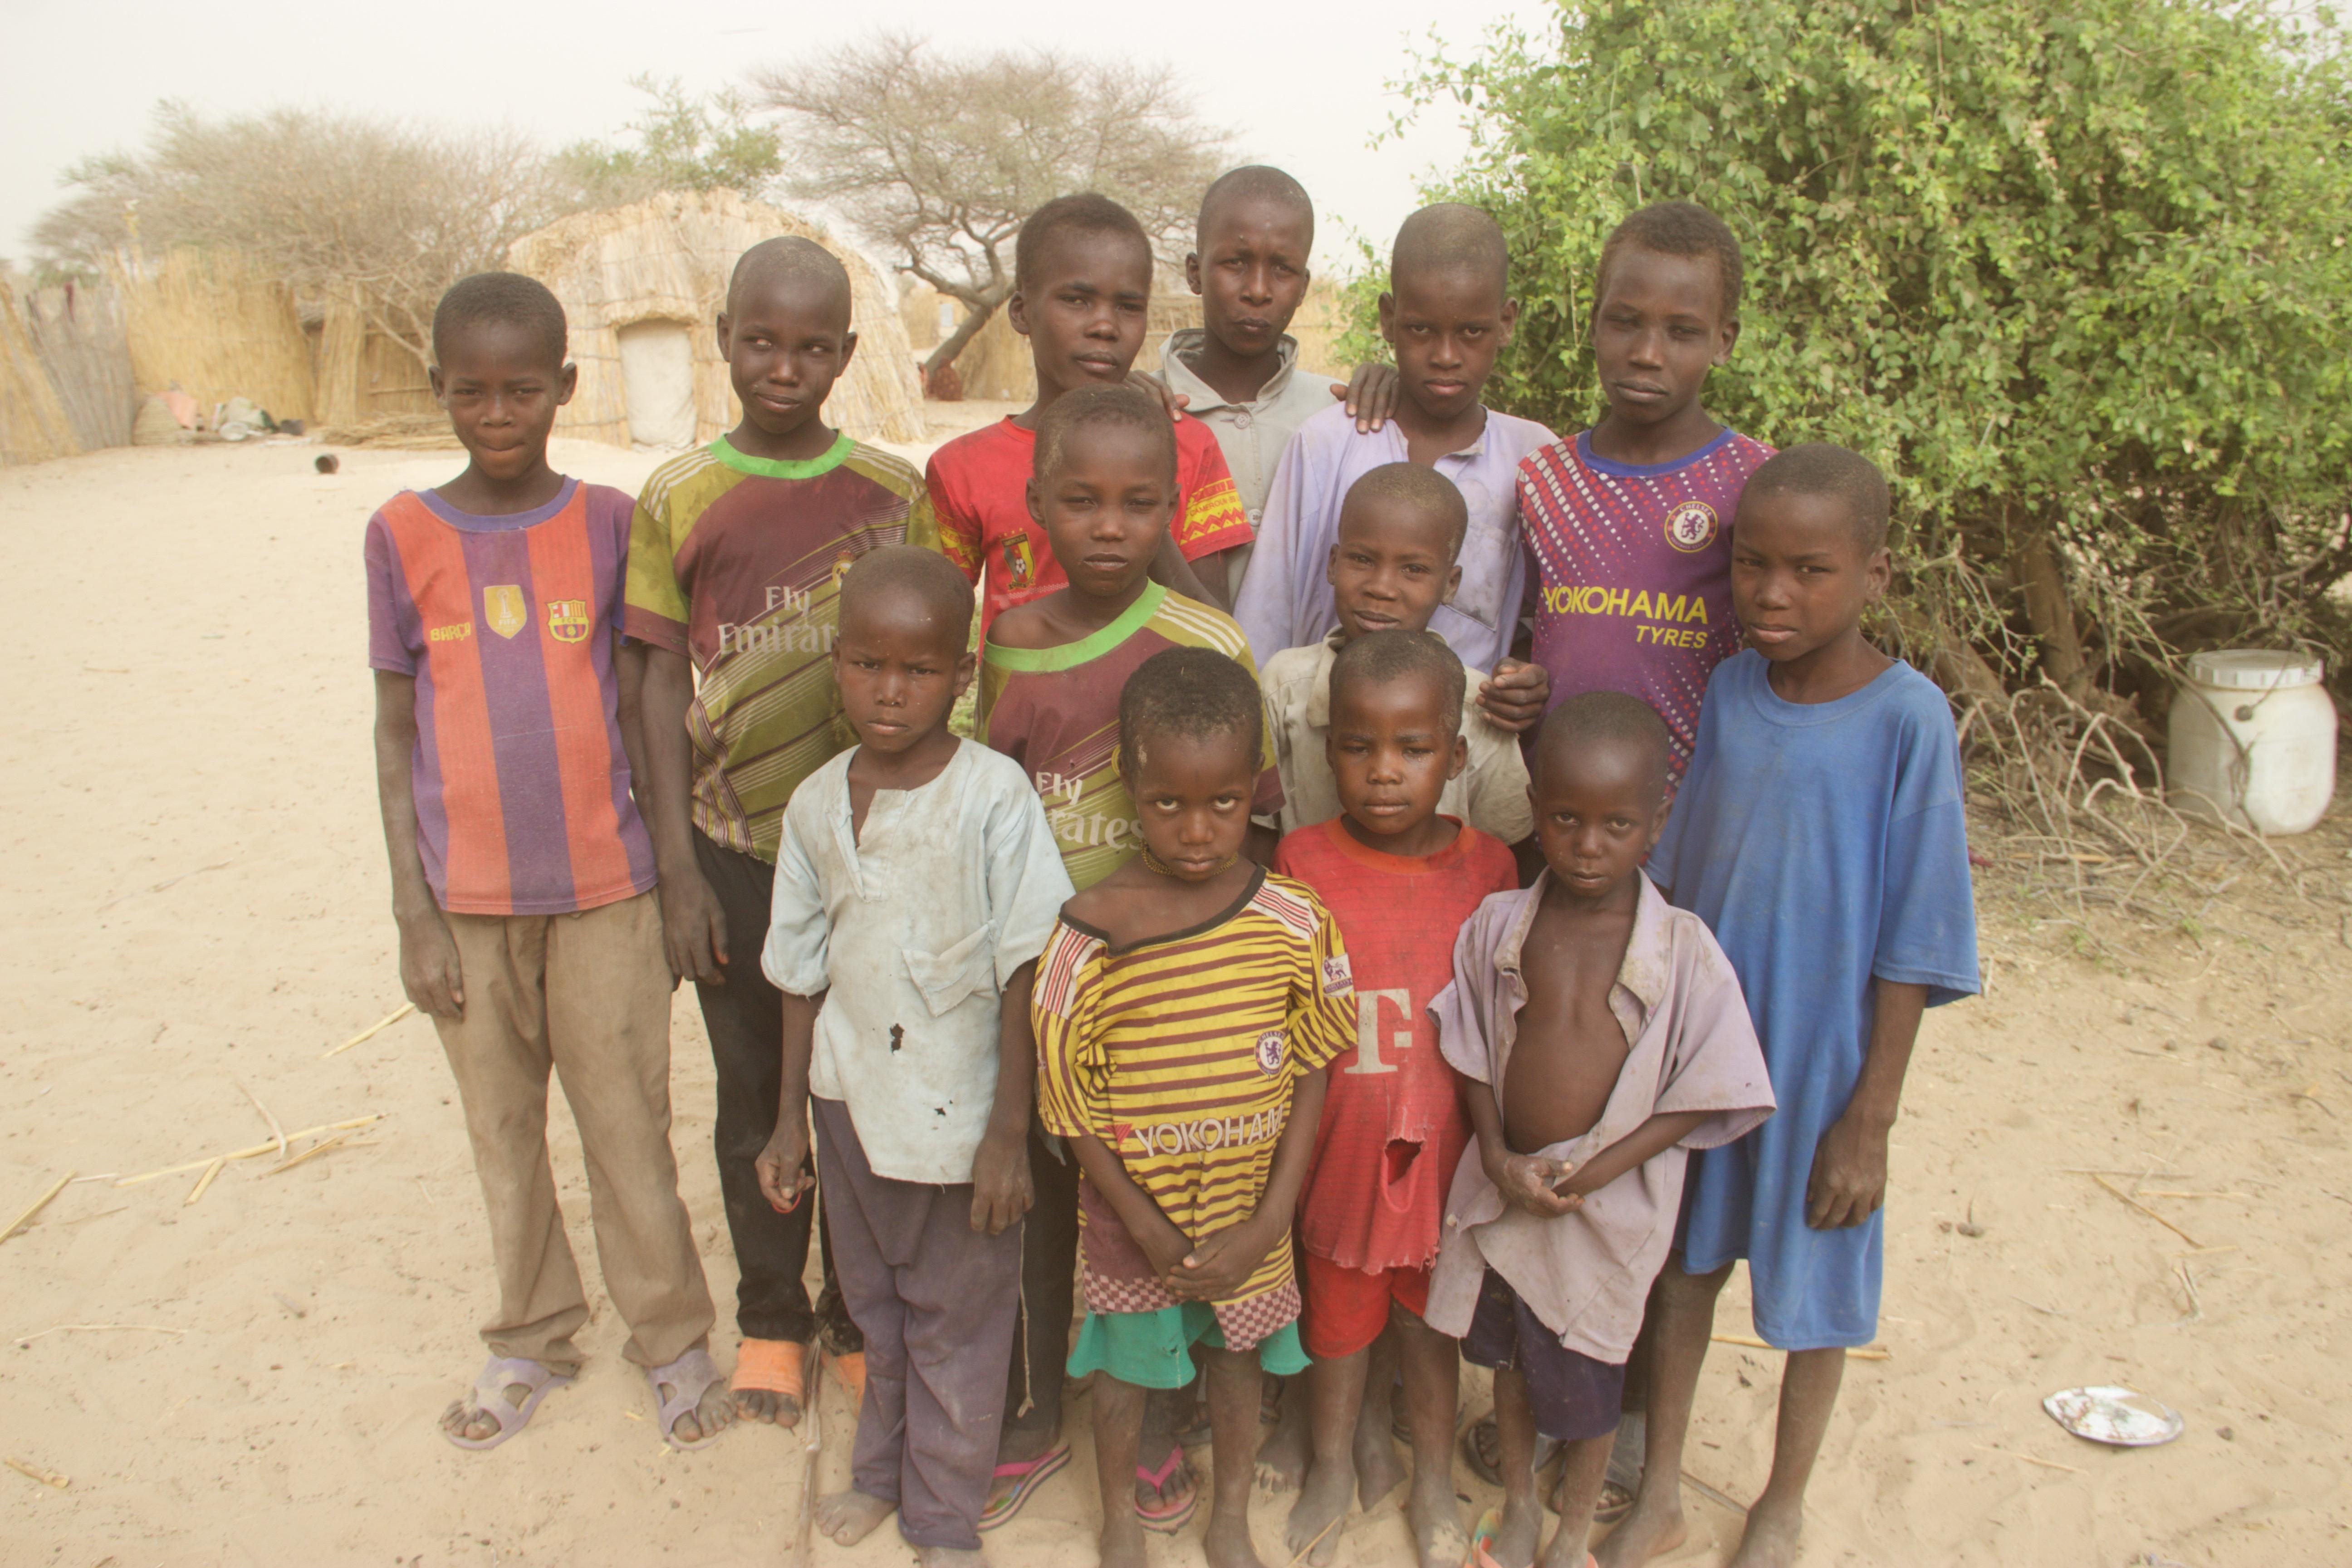 Un groupe d'enfants d'anciens combattants de Boko Haram repentis ou morts.